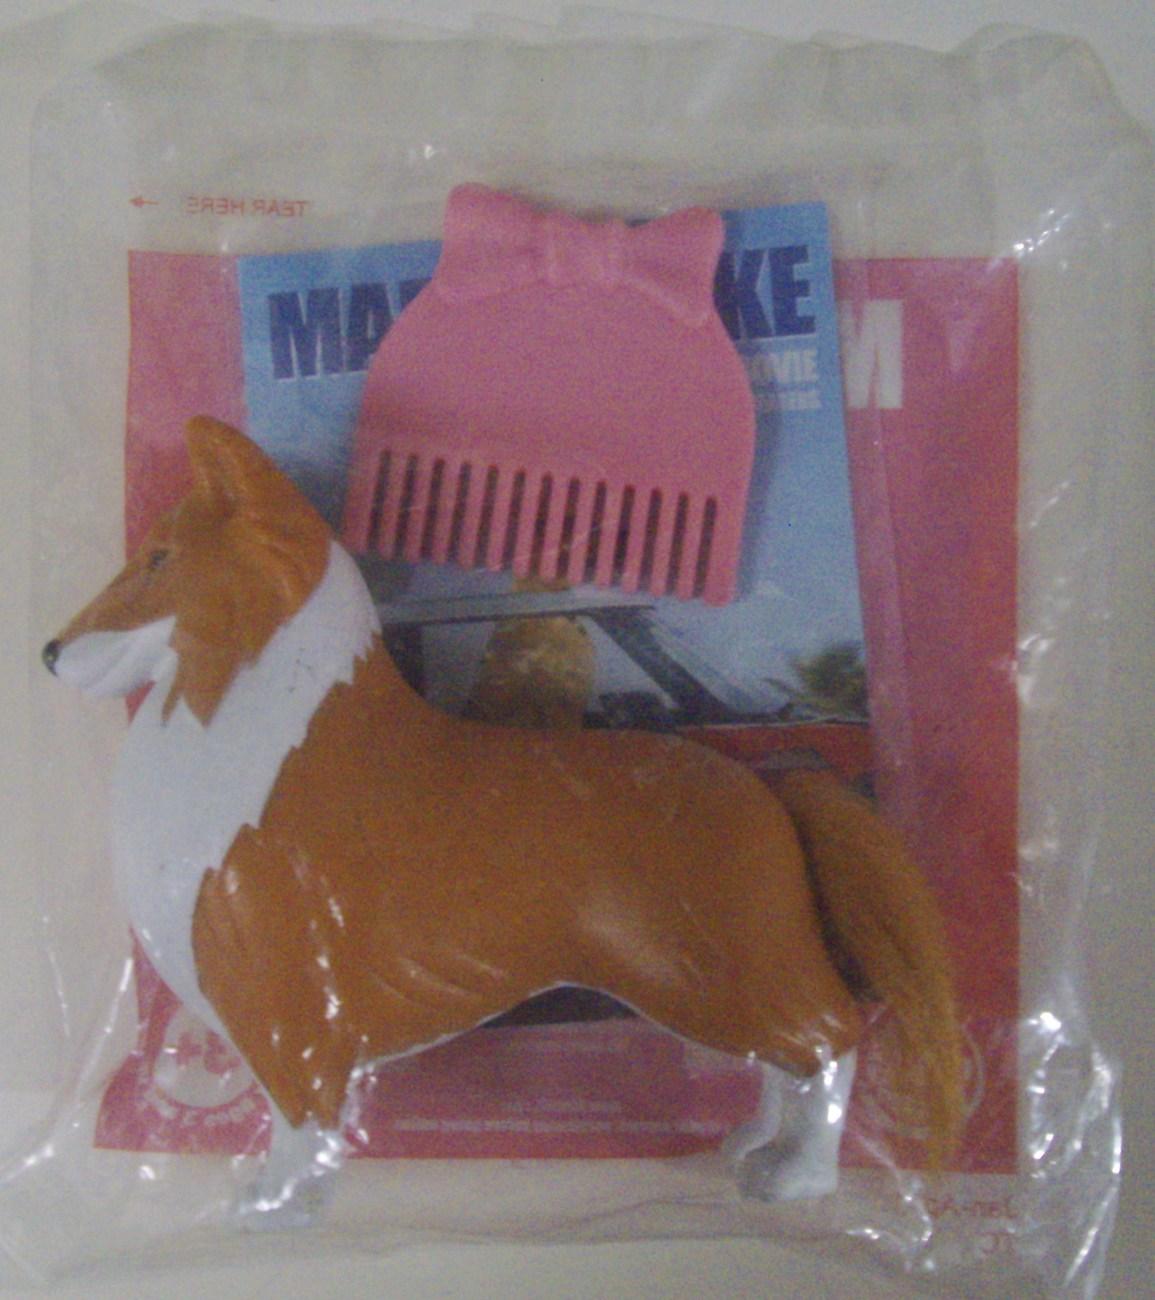 Marmaduke The Movie Comb 'N Style Jezebel BK dog toy - New